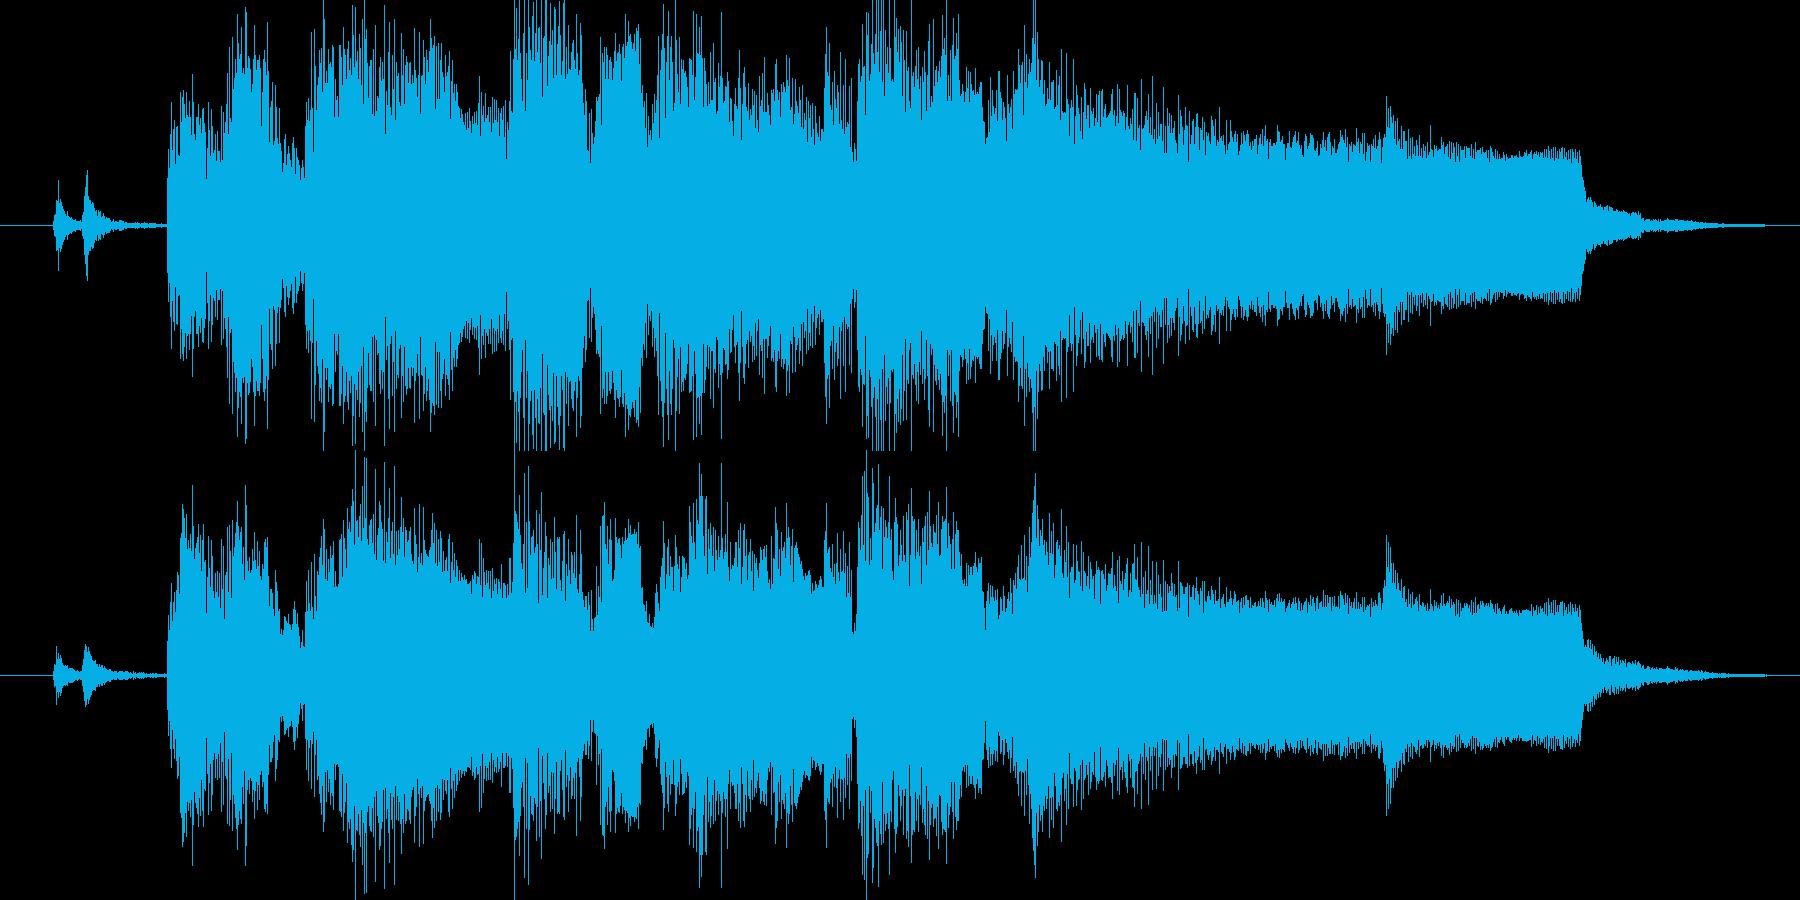 ジャズ風にアレンジしたジングルの再生済みの波形